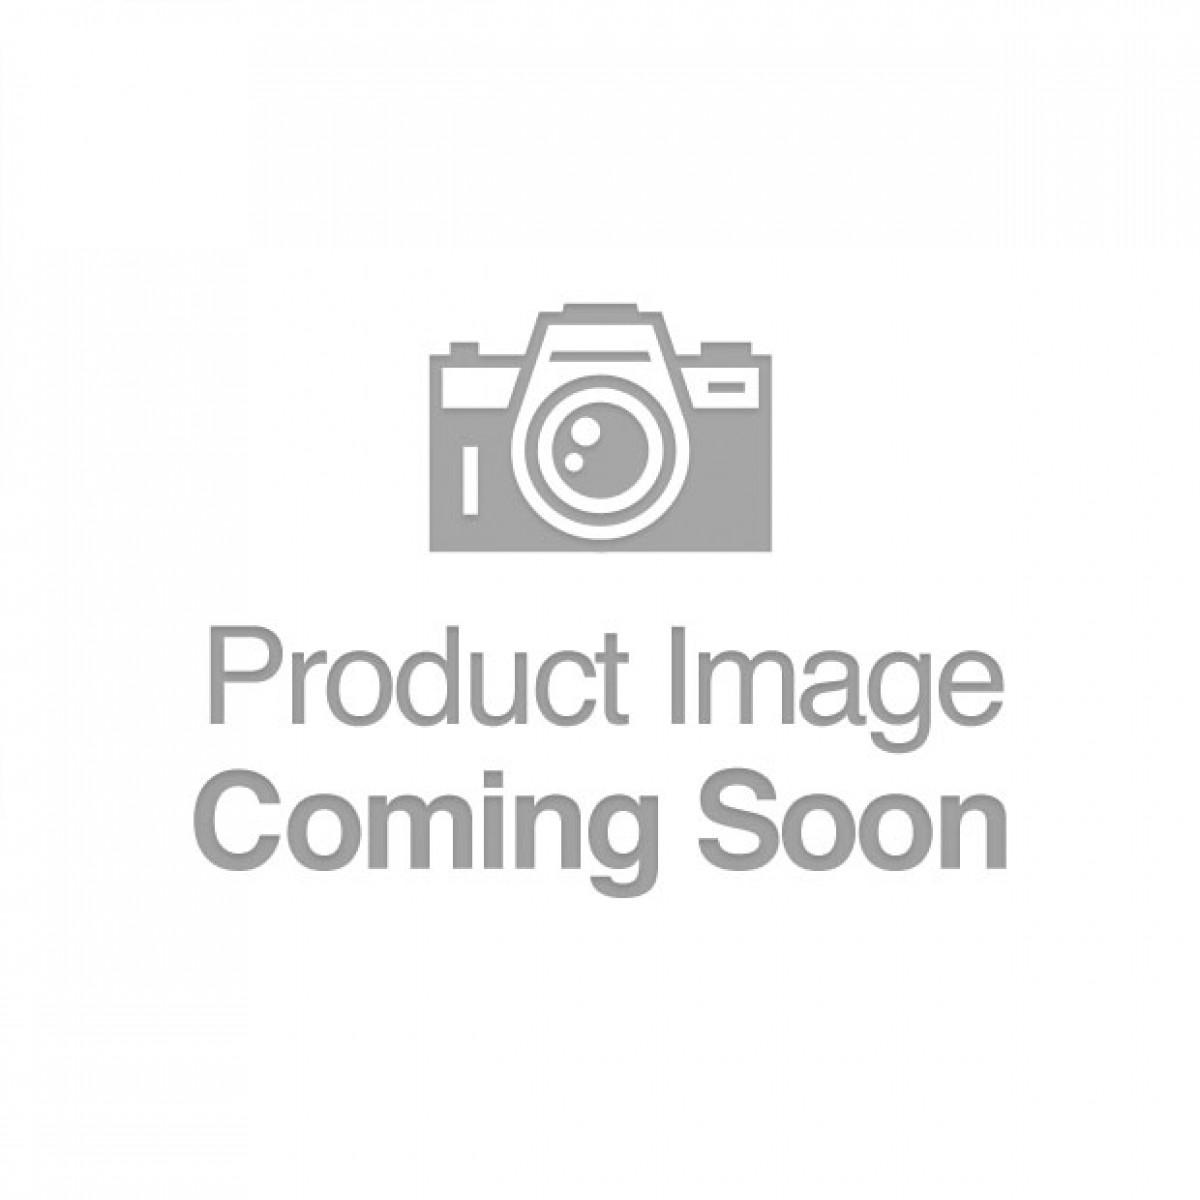 Curve Mistress Vibrating Pubic Bone Stroker Arielle - Latte